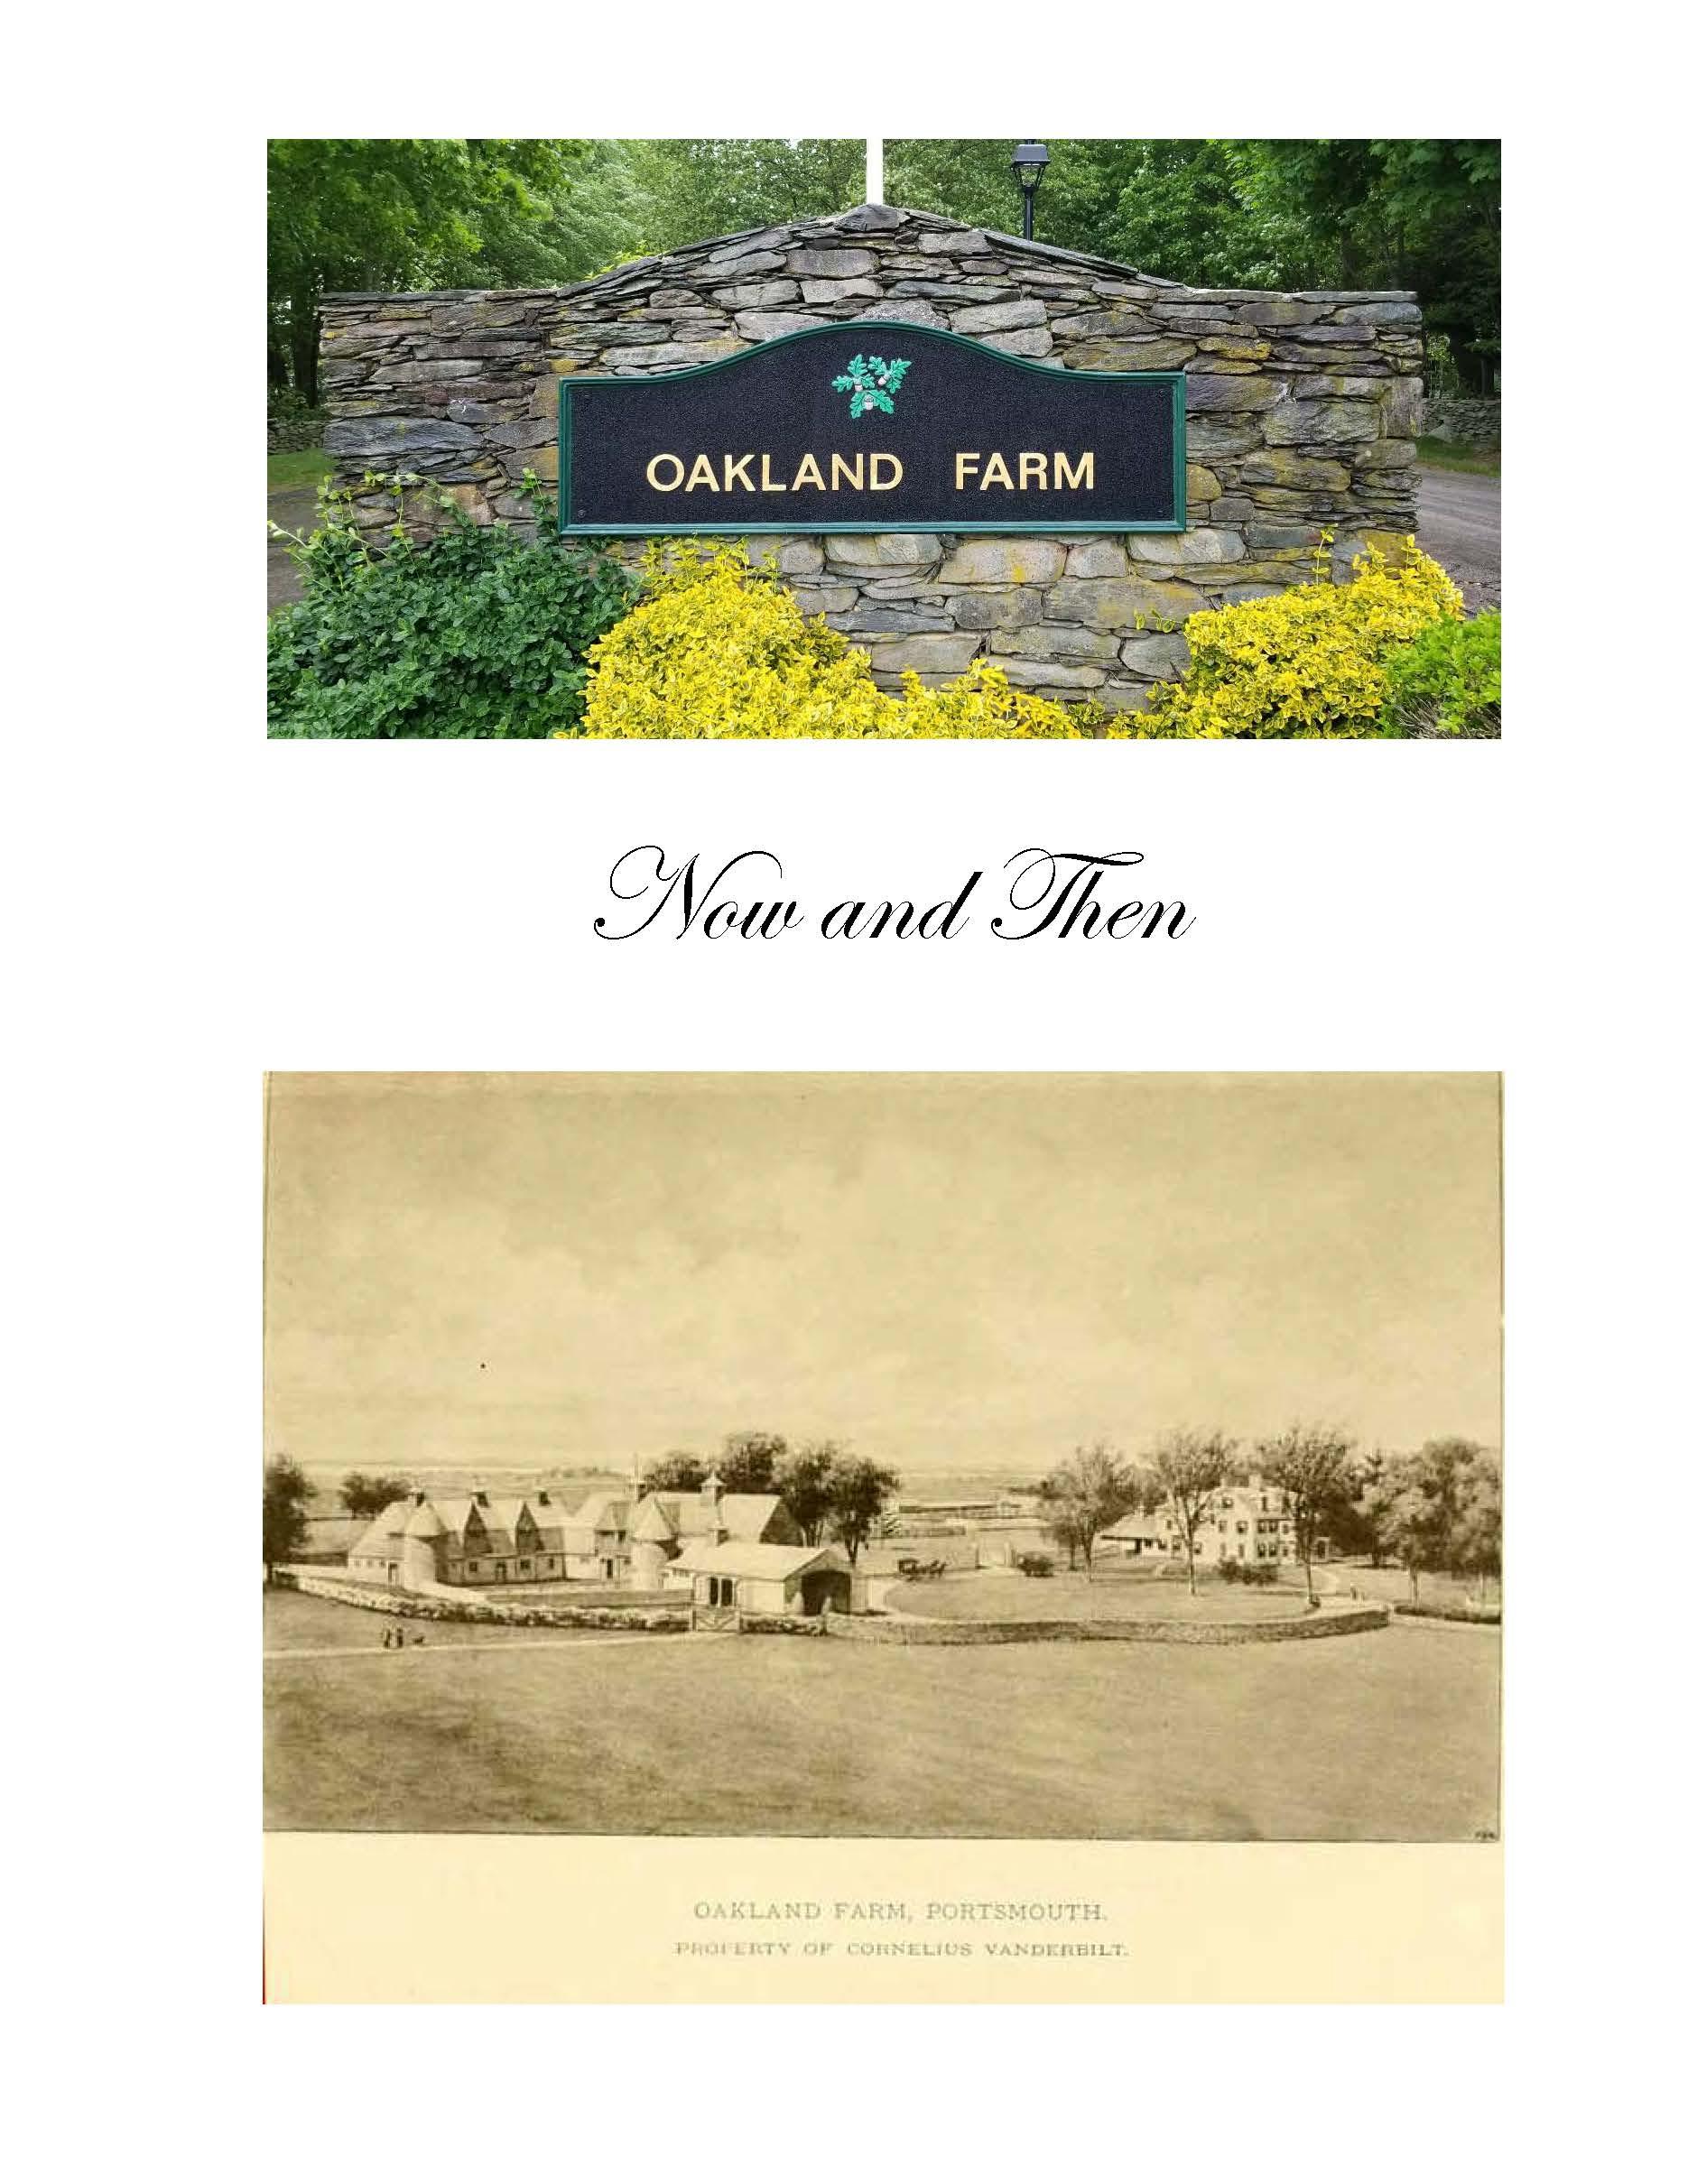 Oakland Farm History